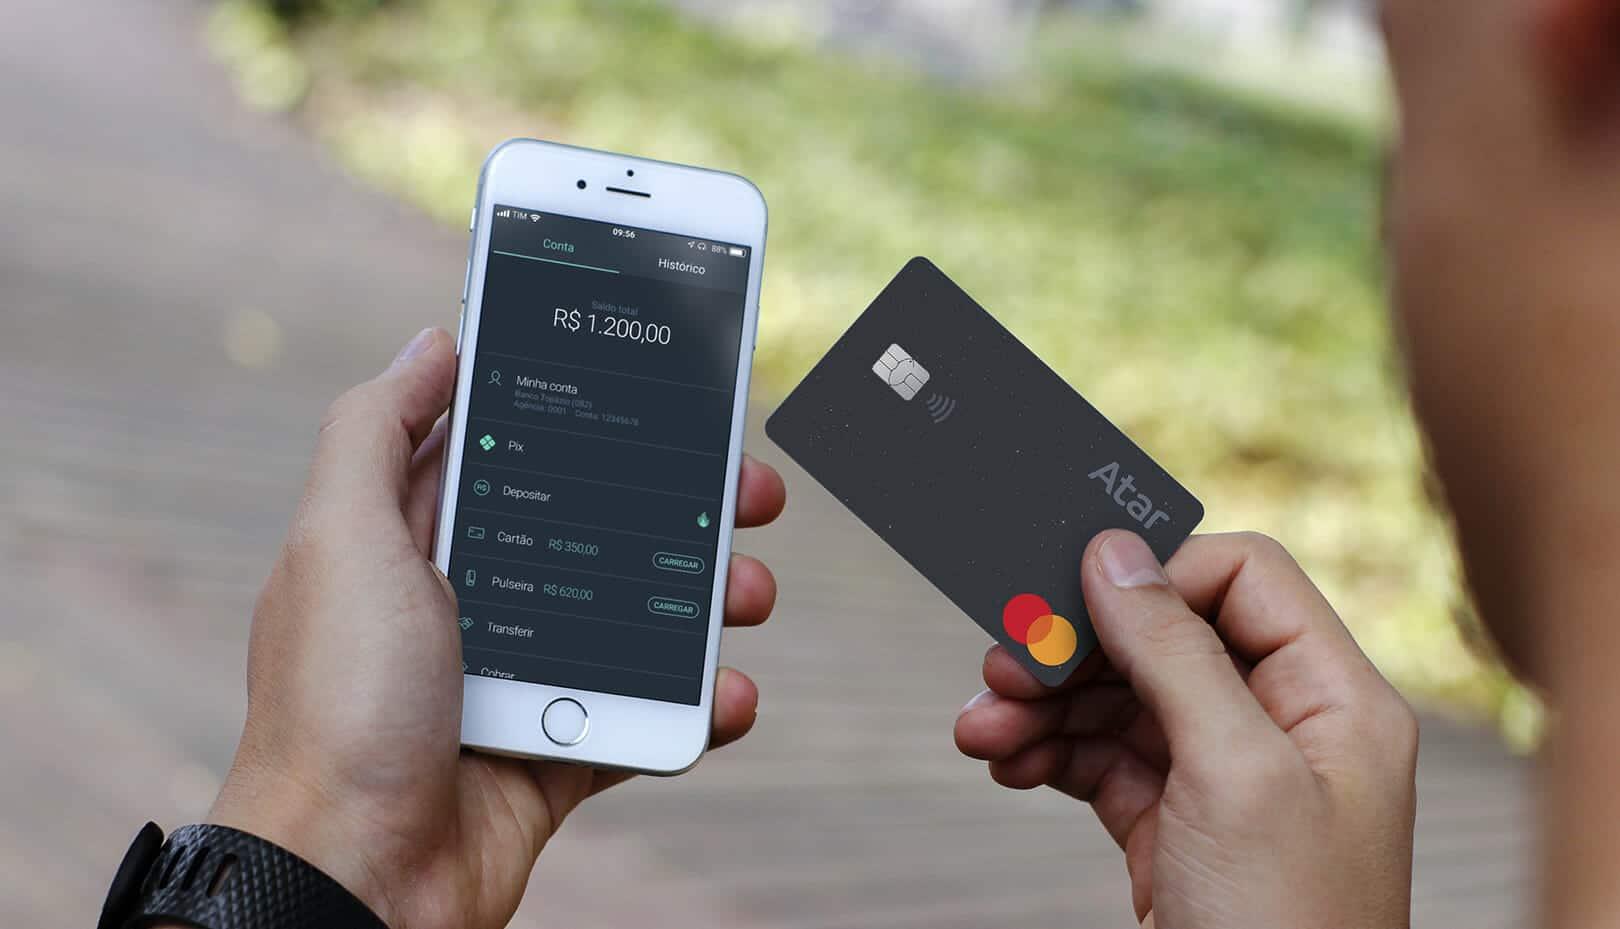 Cartão, pulseira (band) e conta digital Atar Pay